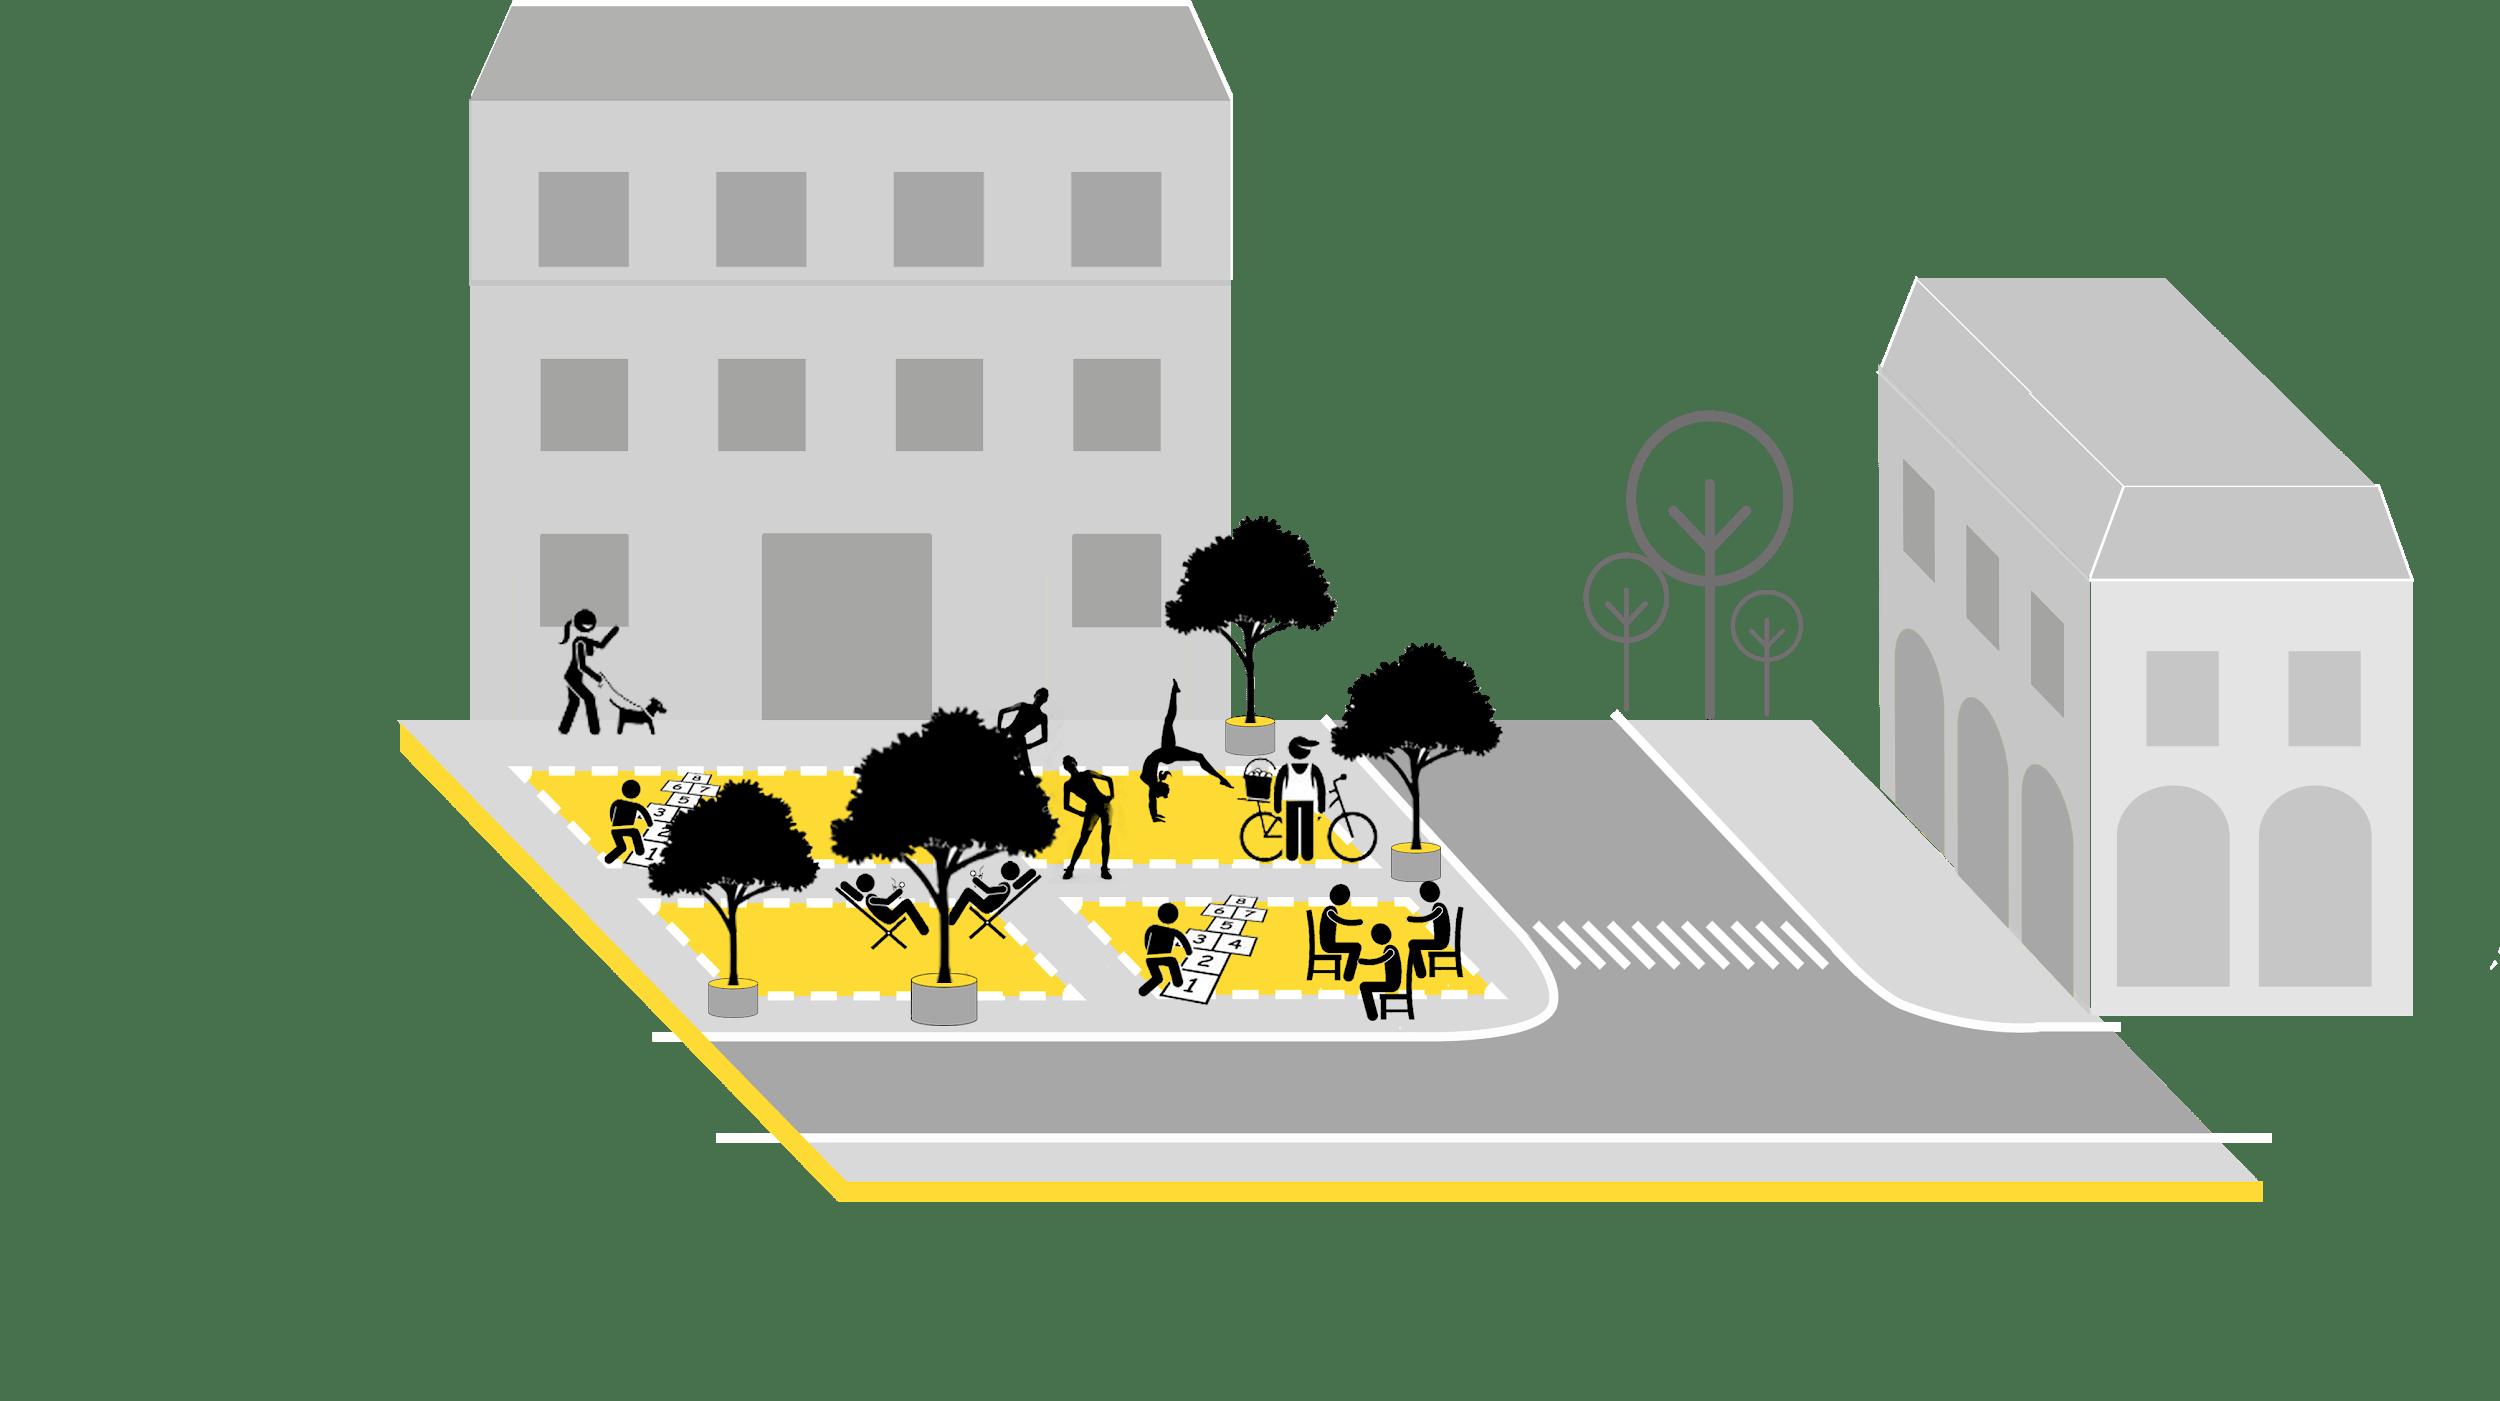 Il Piano per la Pedonalità emergenziale: partire dall'emergenza per rispondere a bisogni reali e diffusi